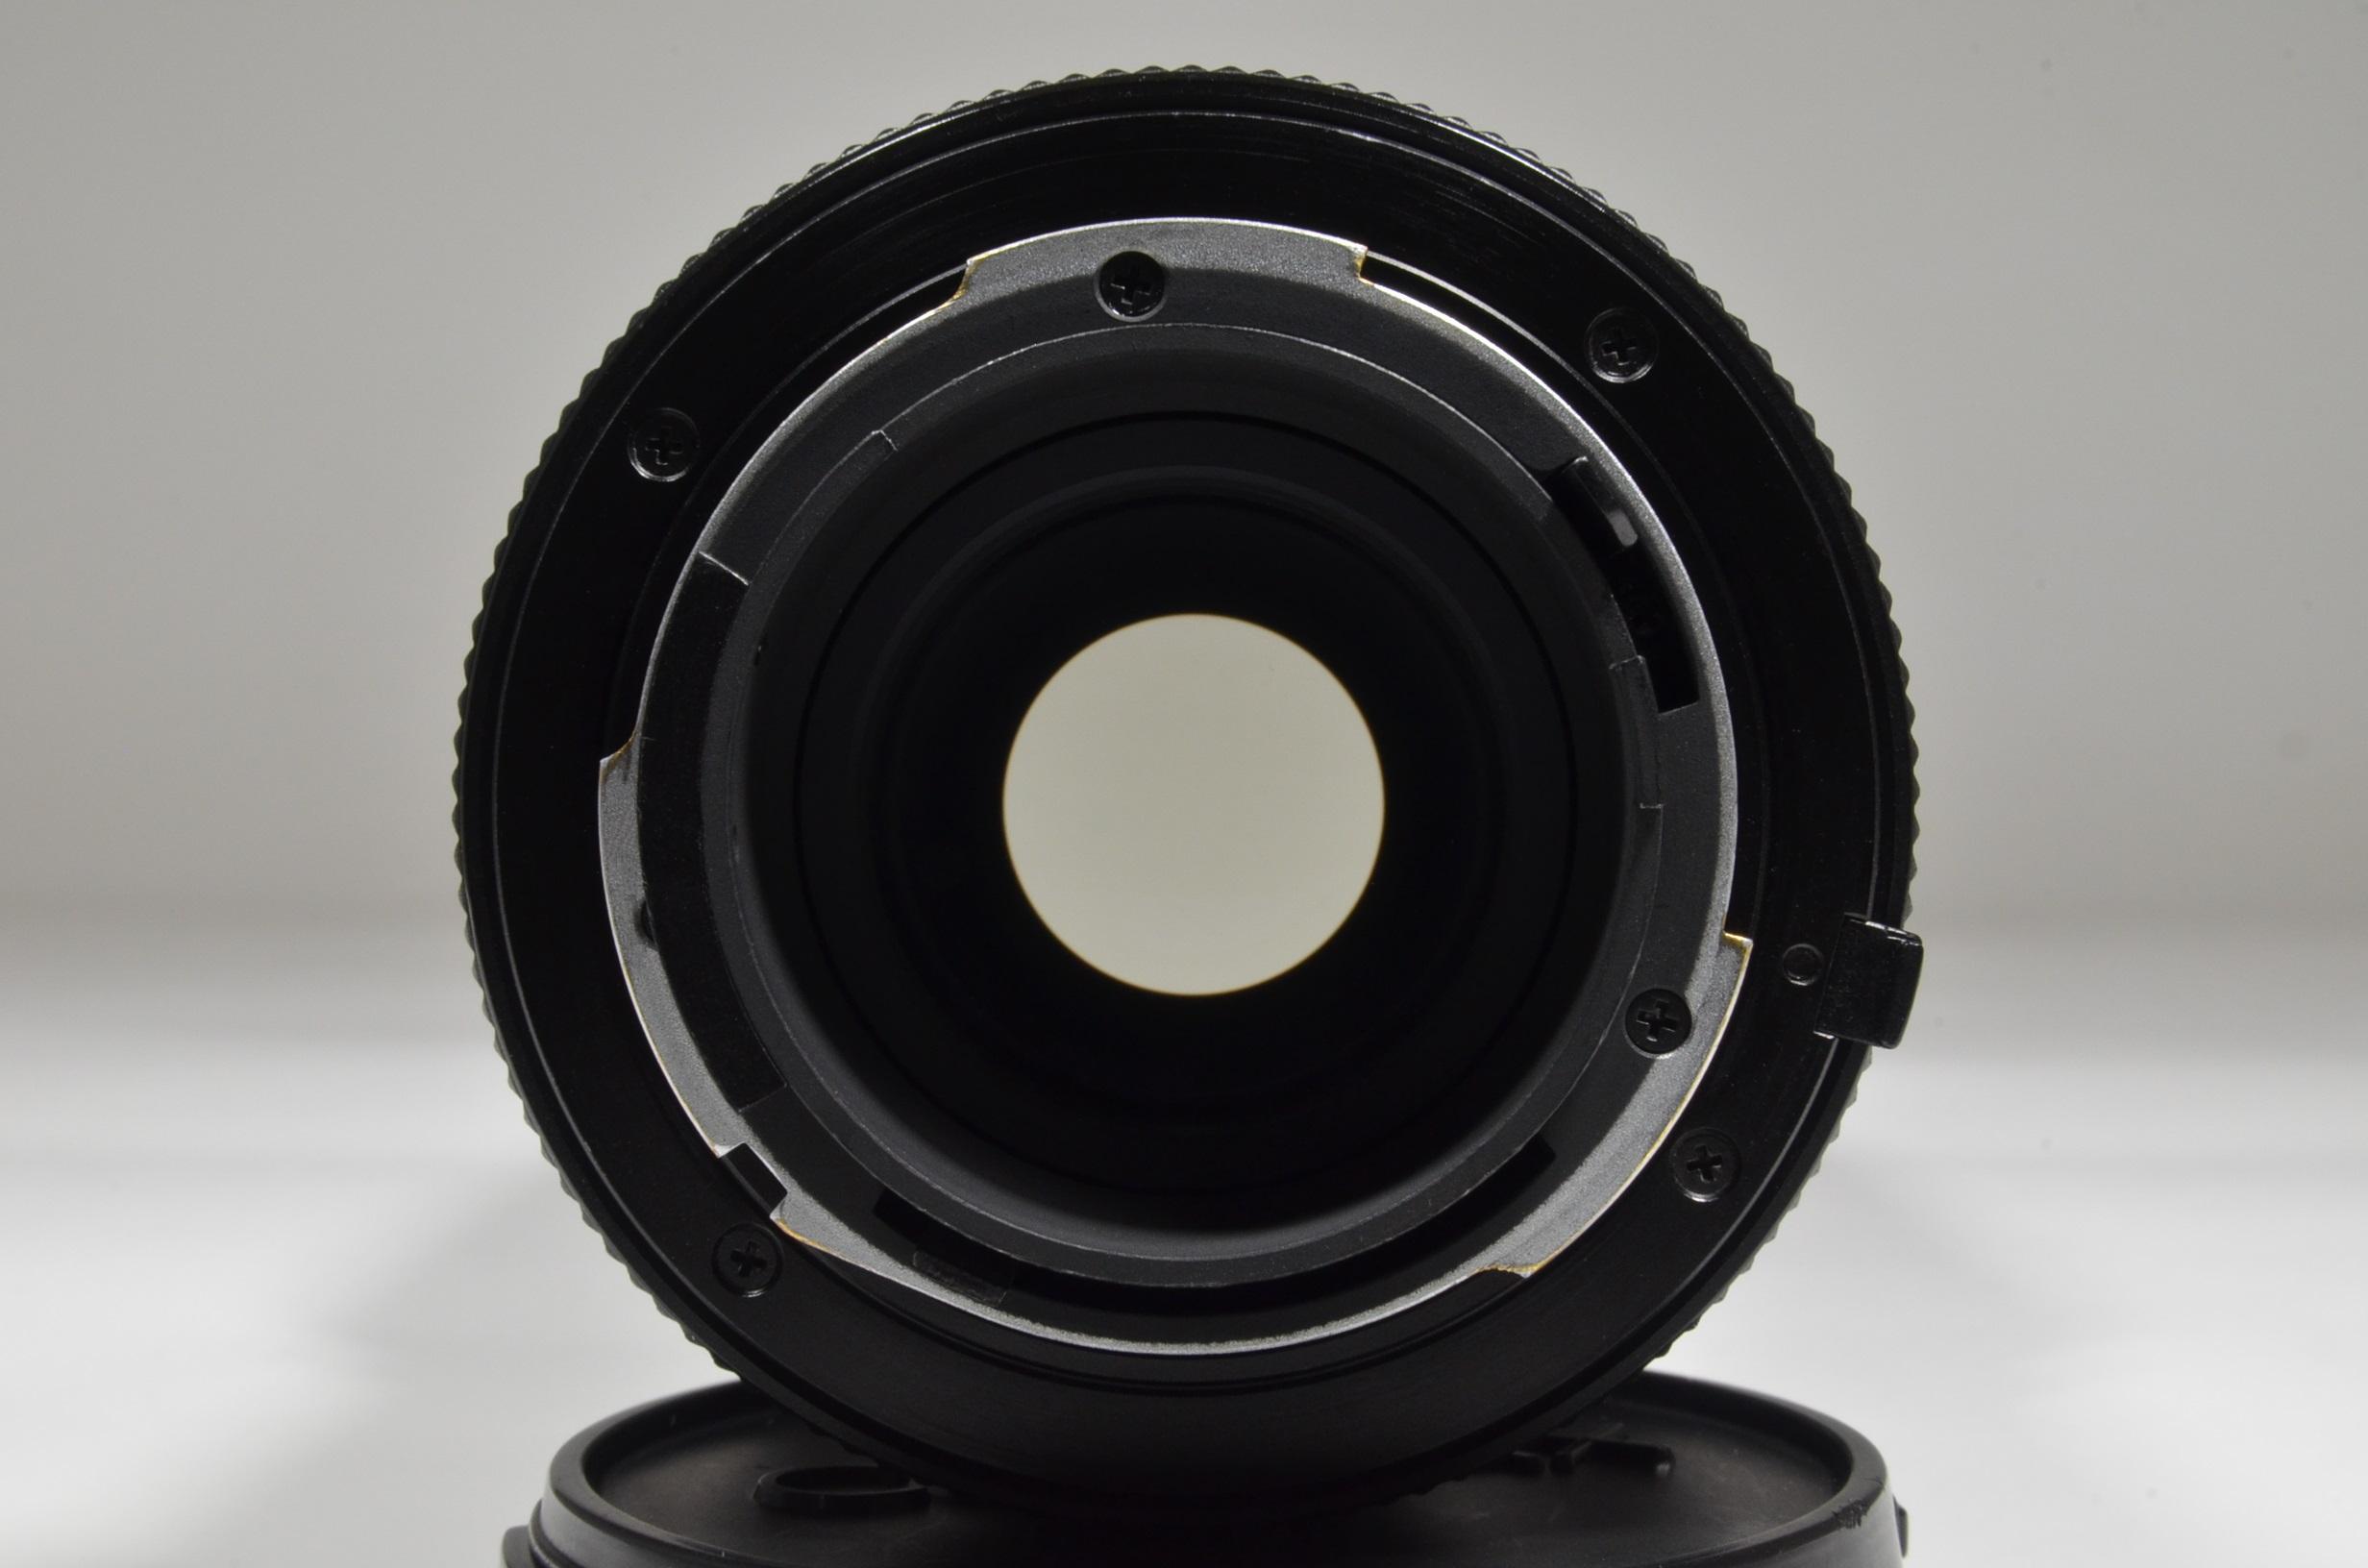 contax carl zeiss t* vario-sonnar 80-200mm f/4 mmj #a0332